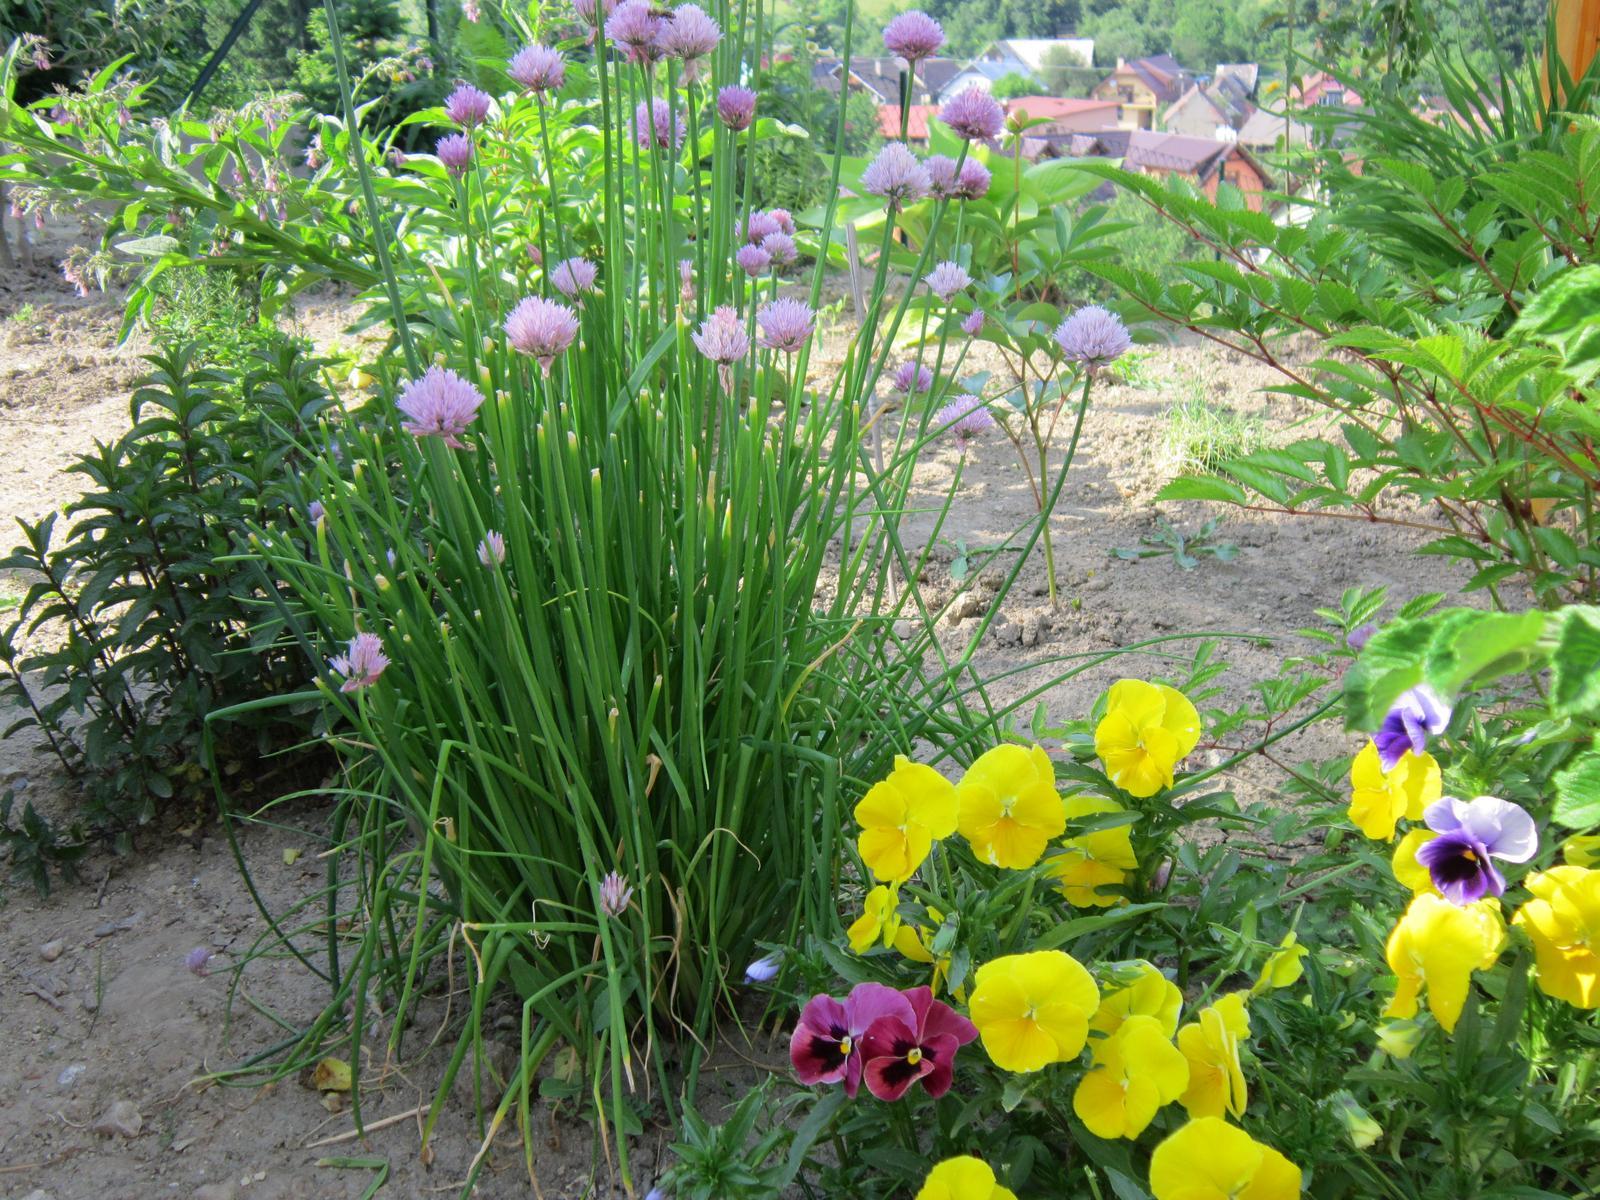 Moja záhrada...ako šiel čas - Obrázok č. 90